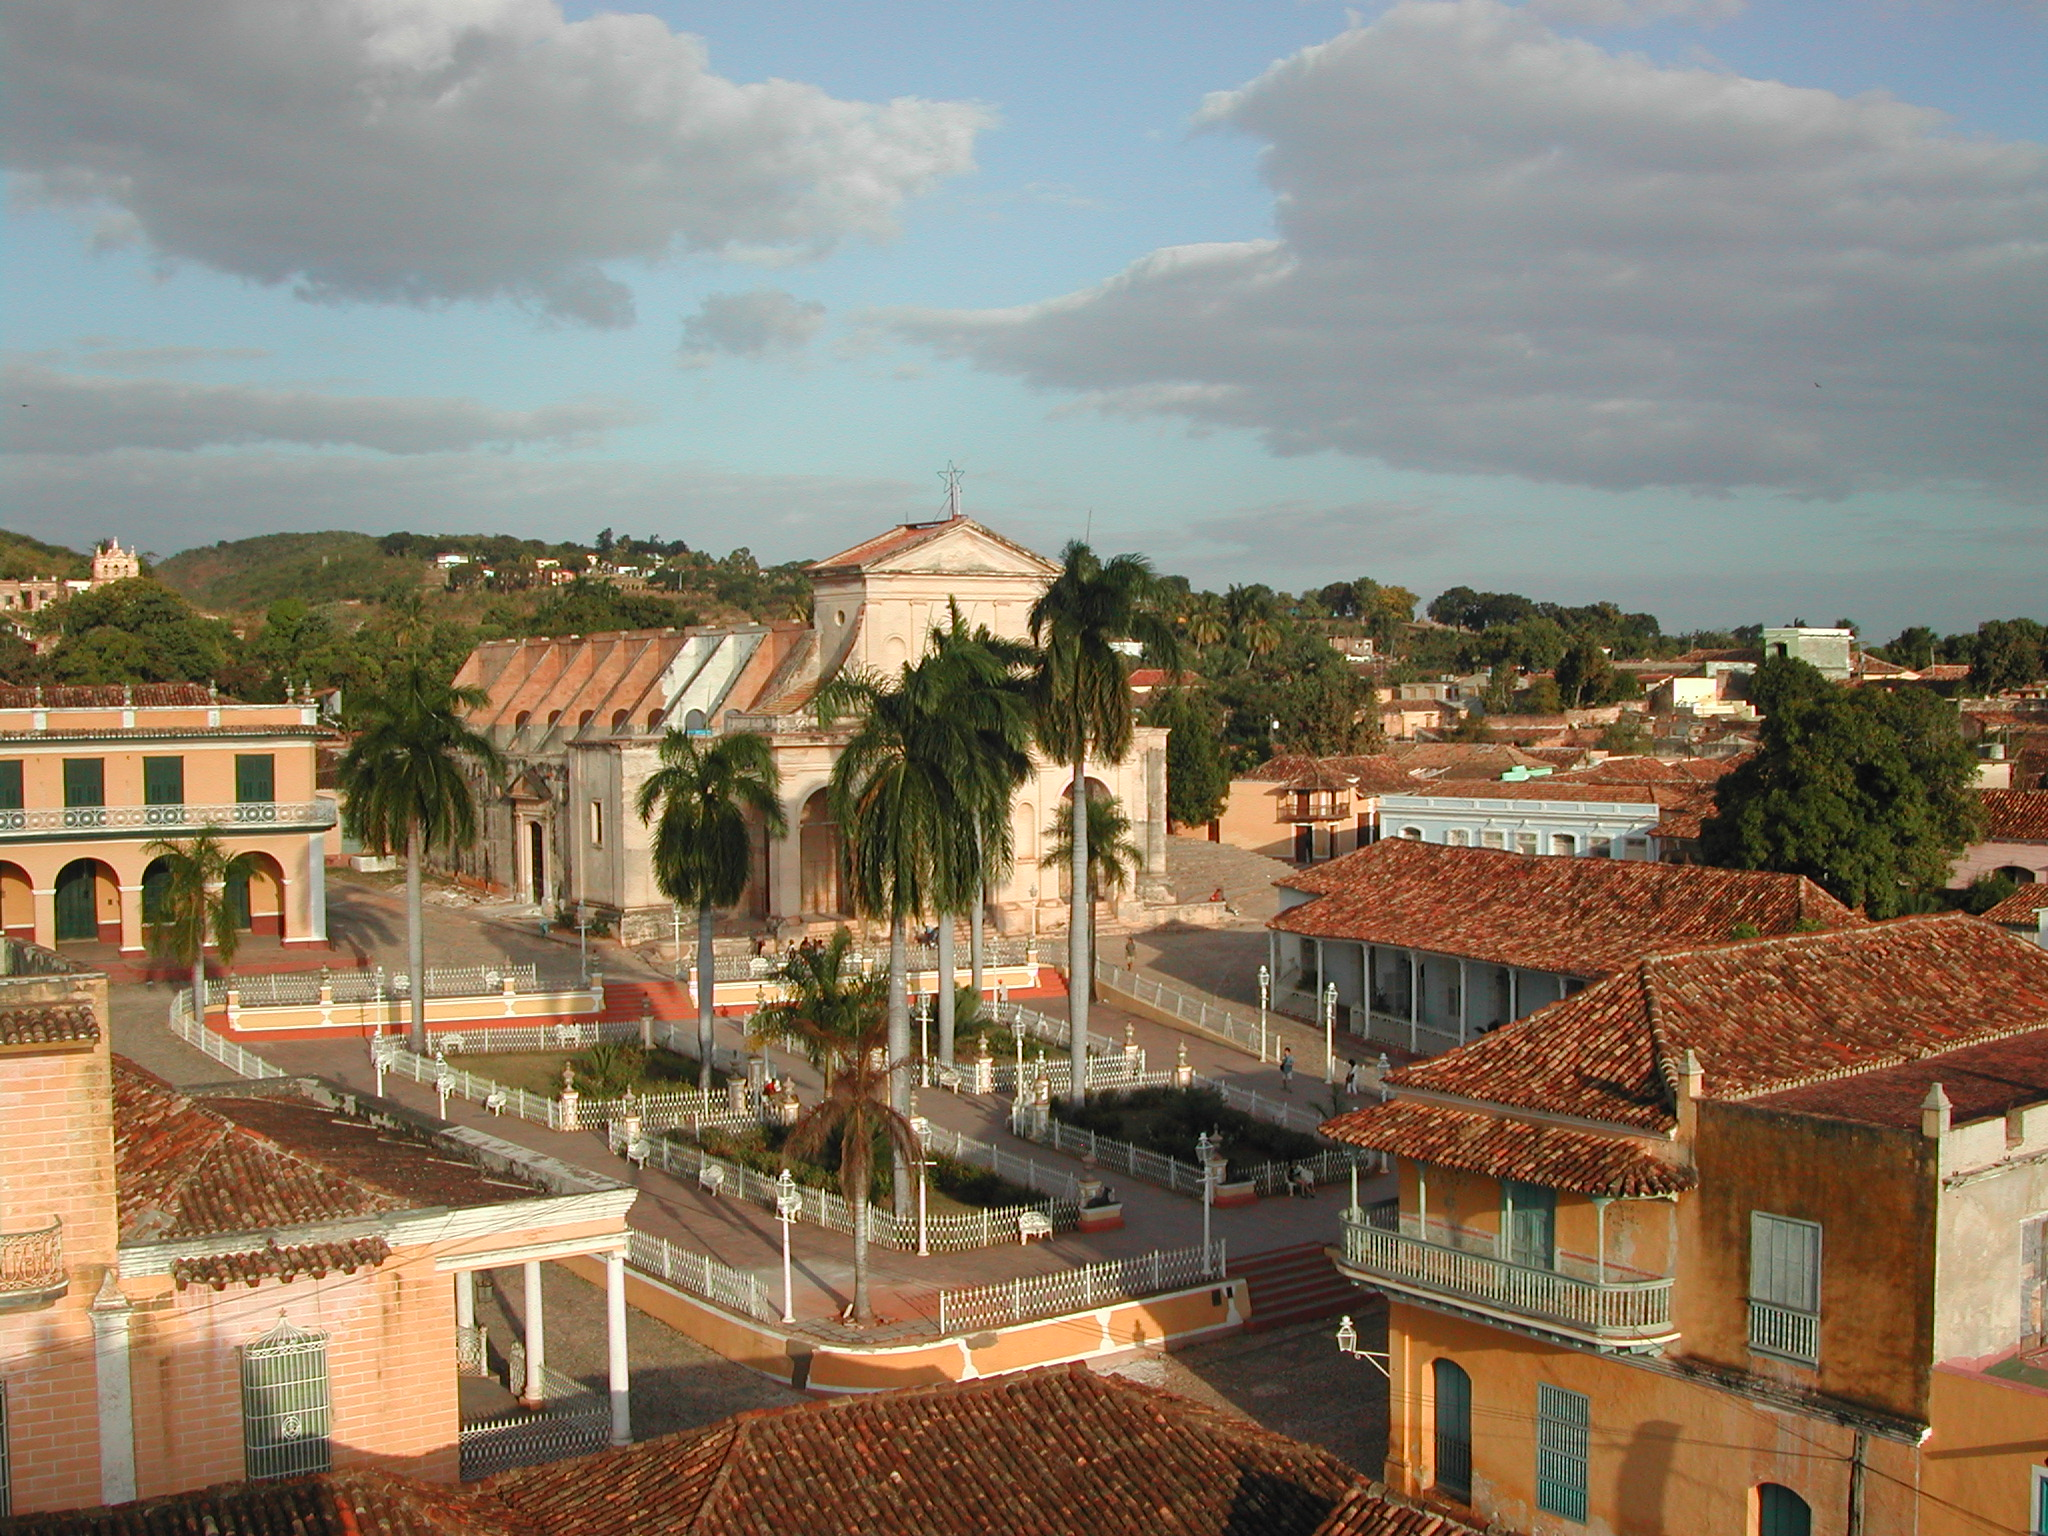 Trinidad_(Kuba)_03.jpg